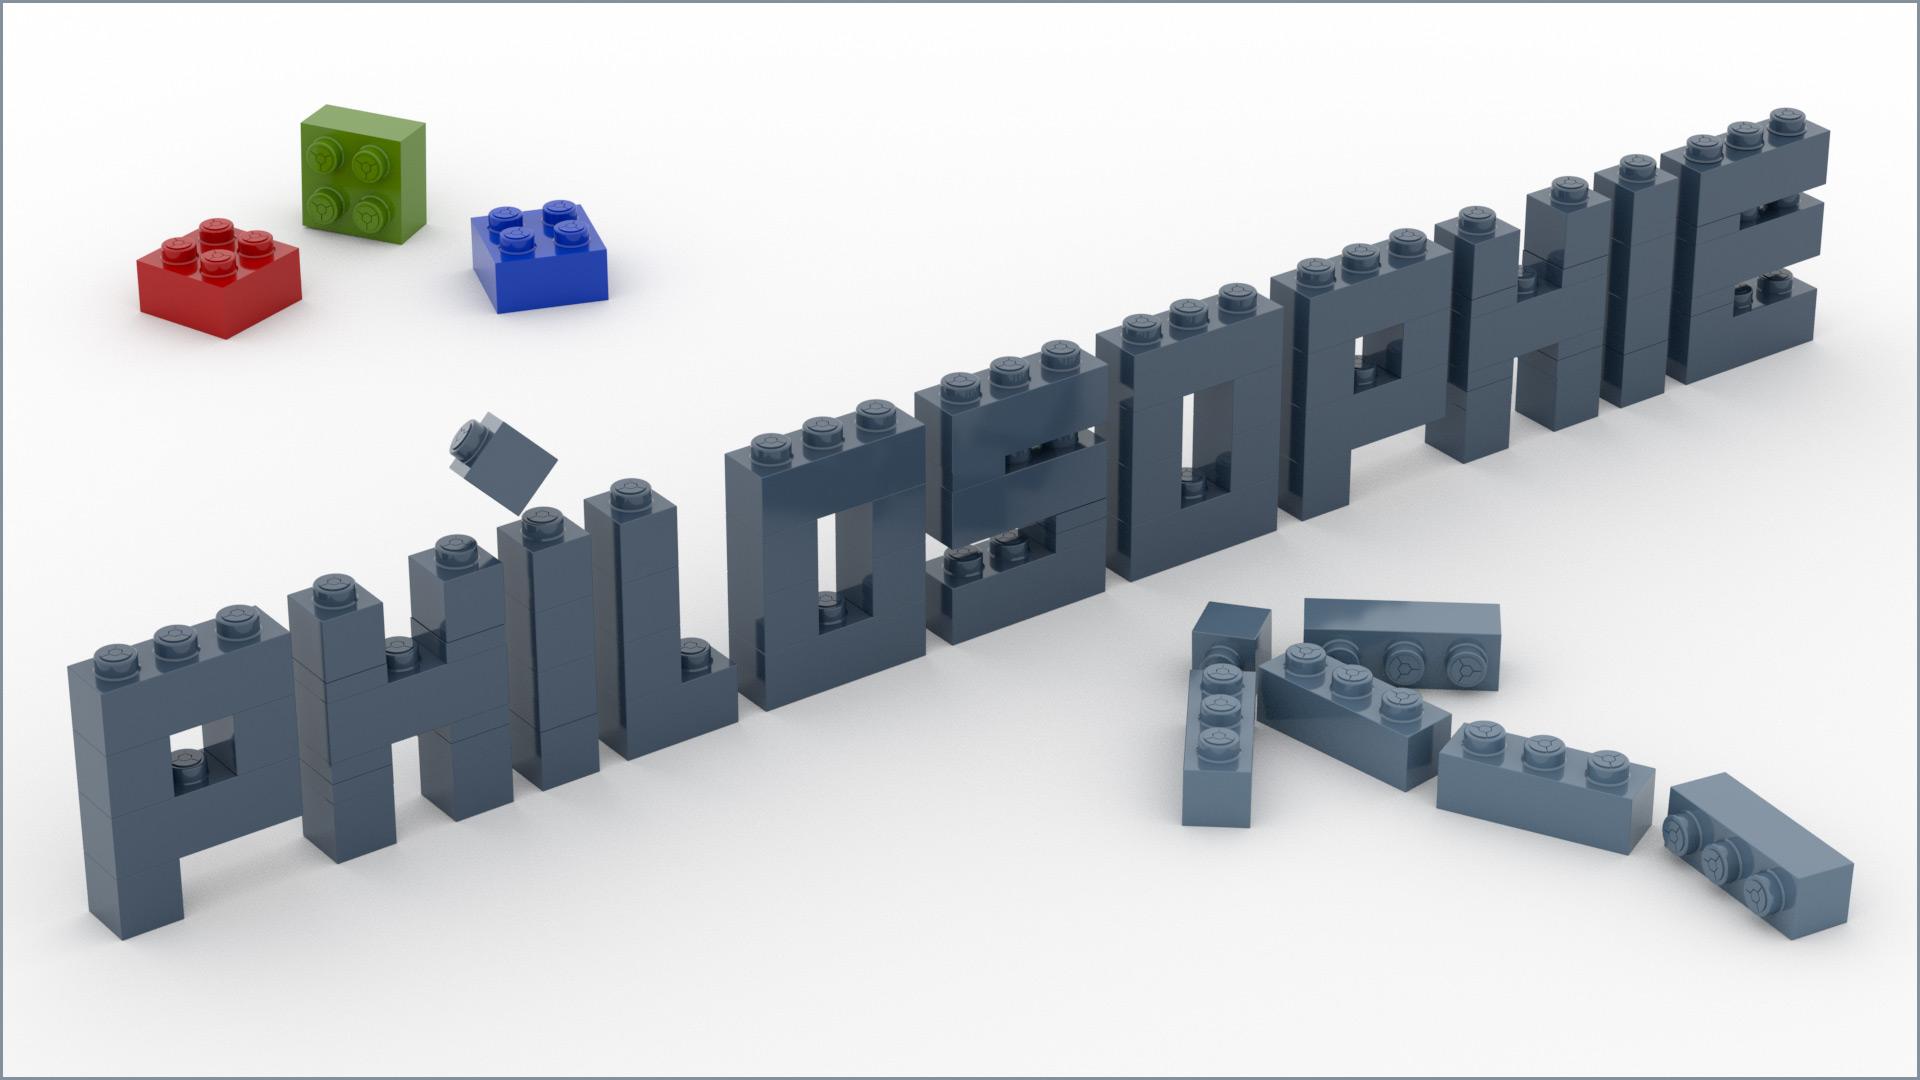 Notre philosophie : créativité, imagination et construction